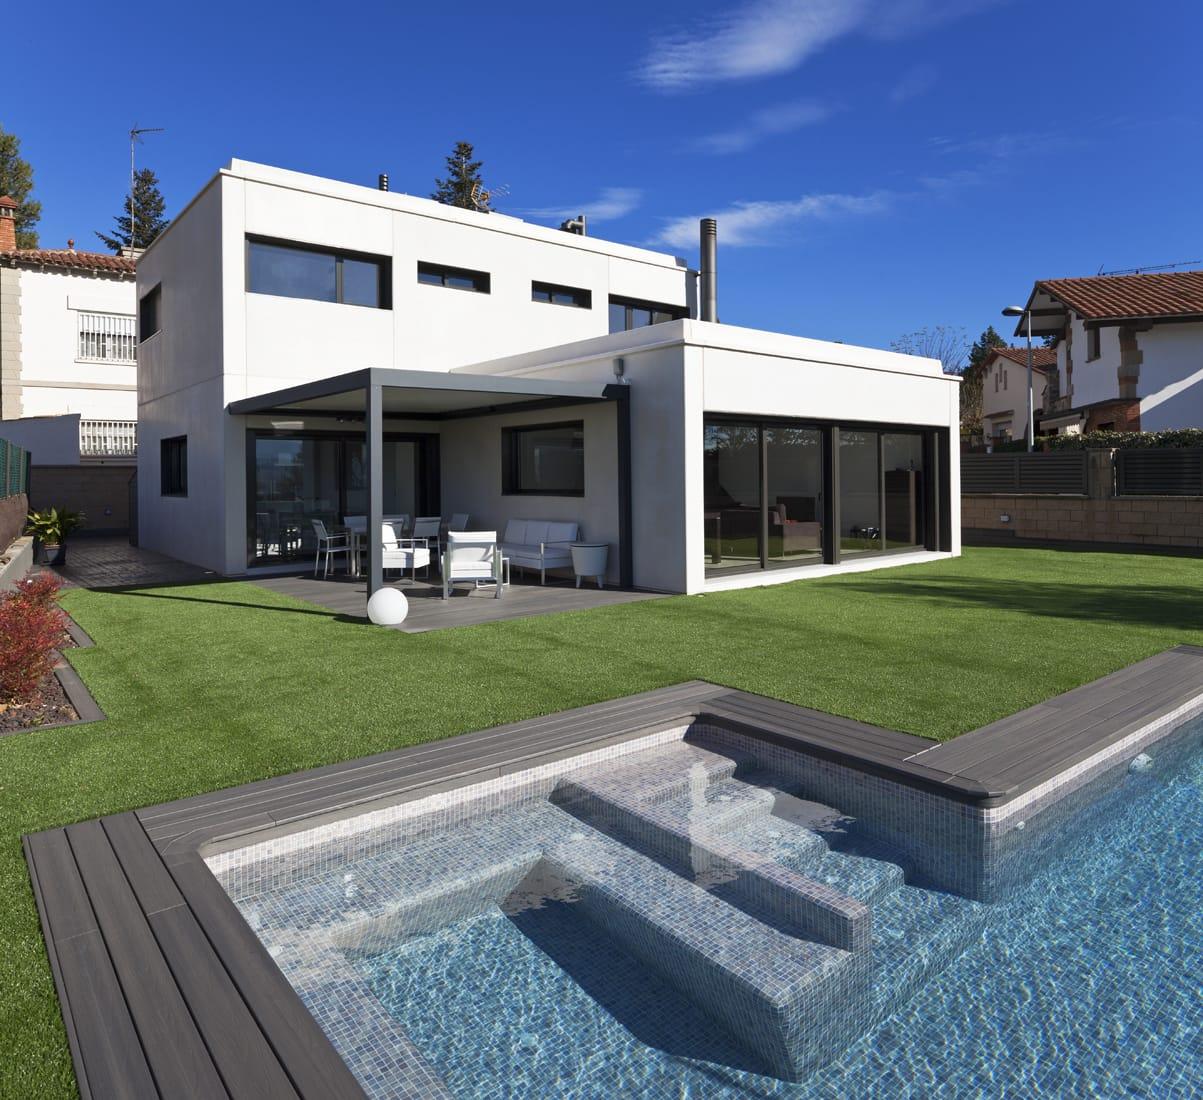 Casa modulares de hormigon fabulous casa modular isabel csar with casa modulares de hormigon - Casas modulares hormigon ...